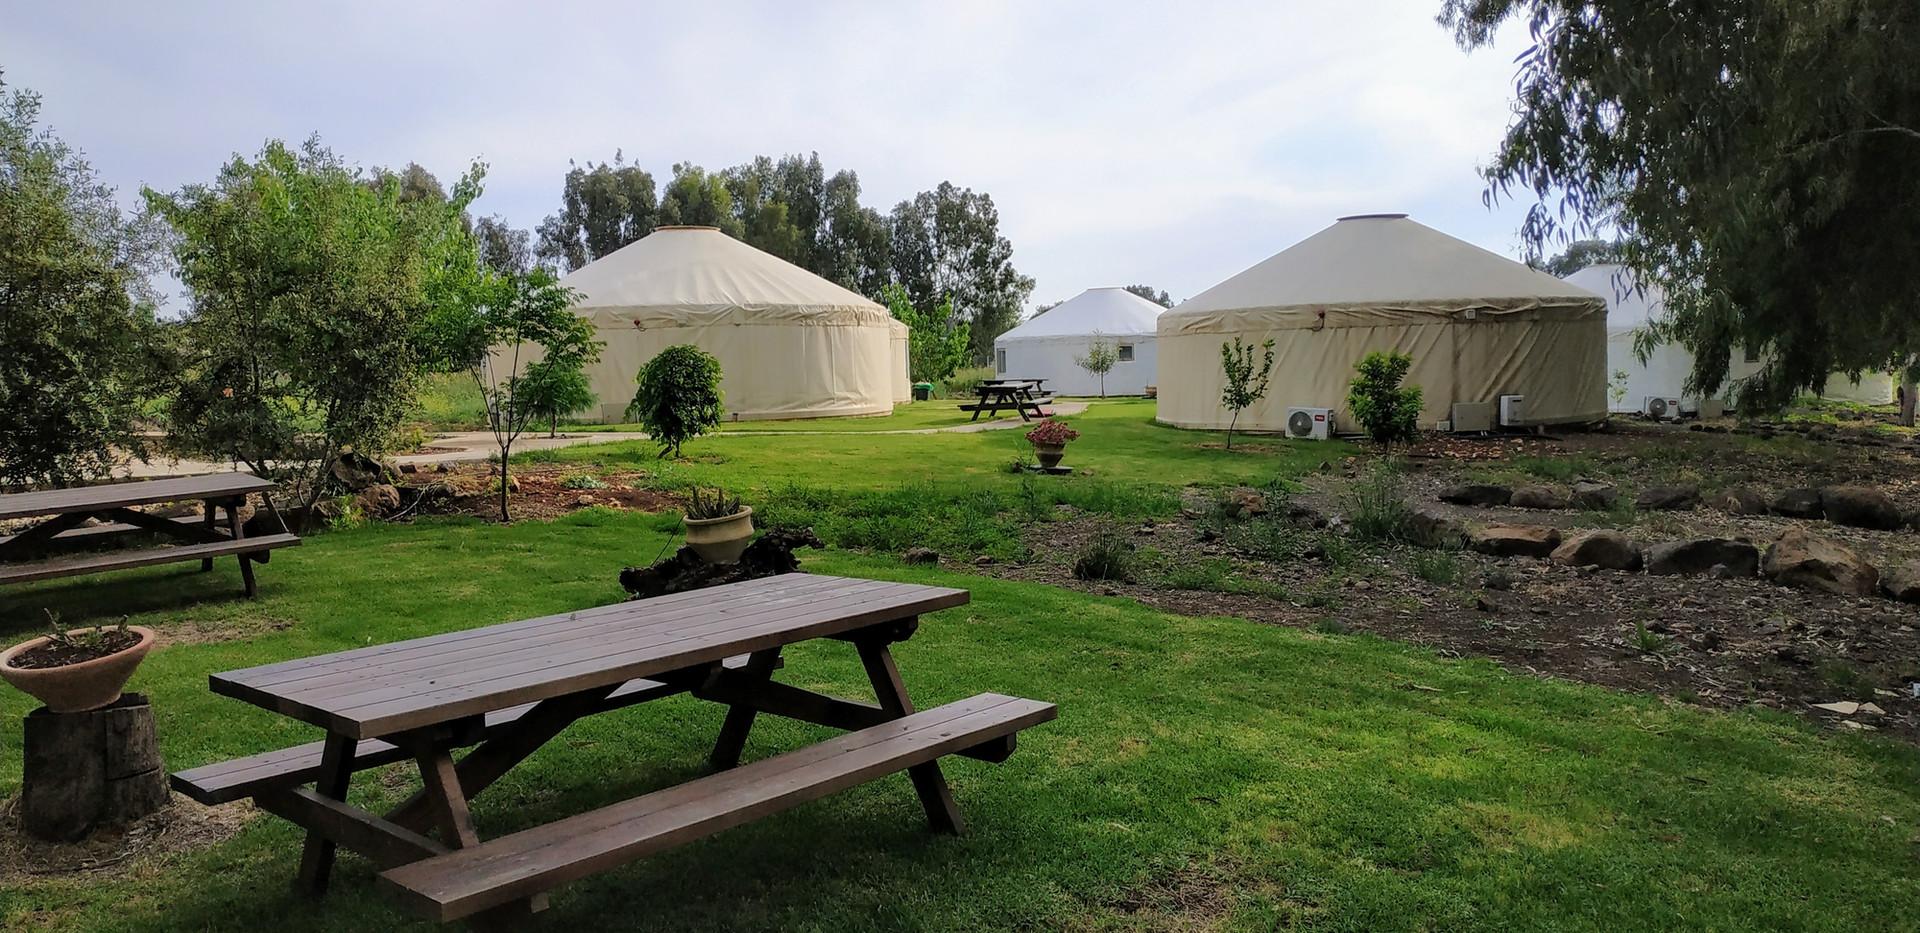 אוהל מונגולי ממוזג ומרוהט